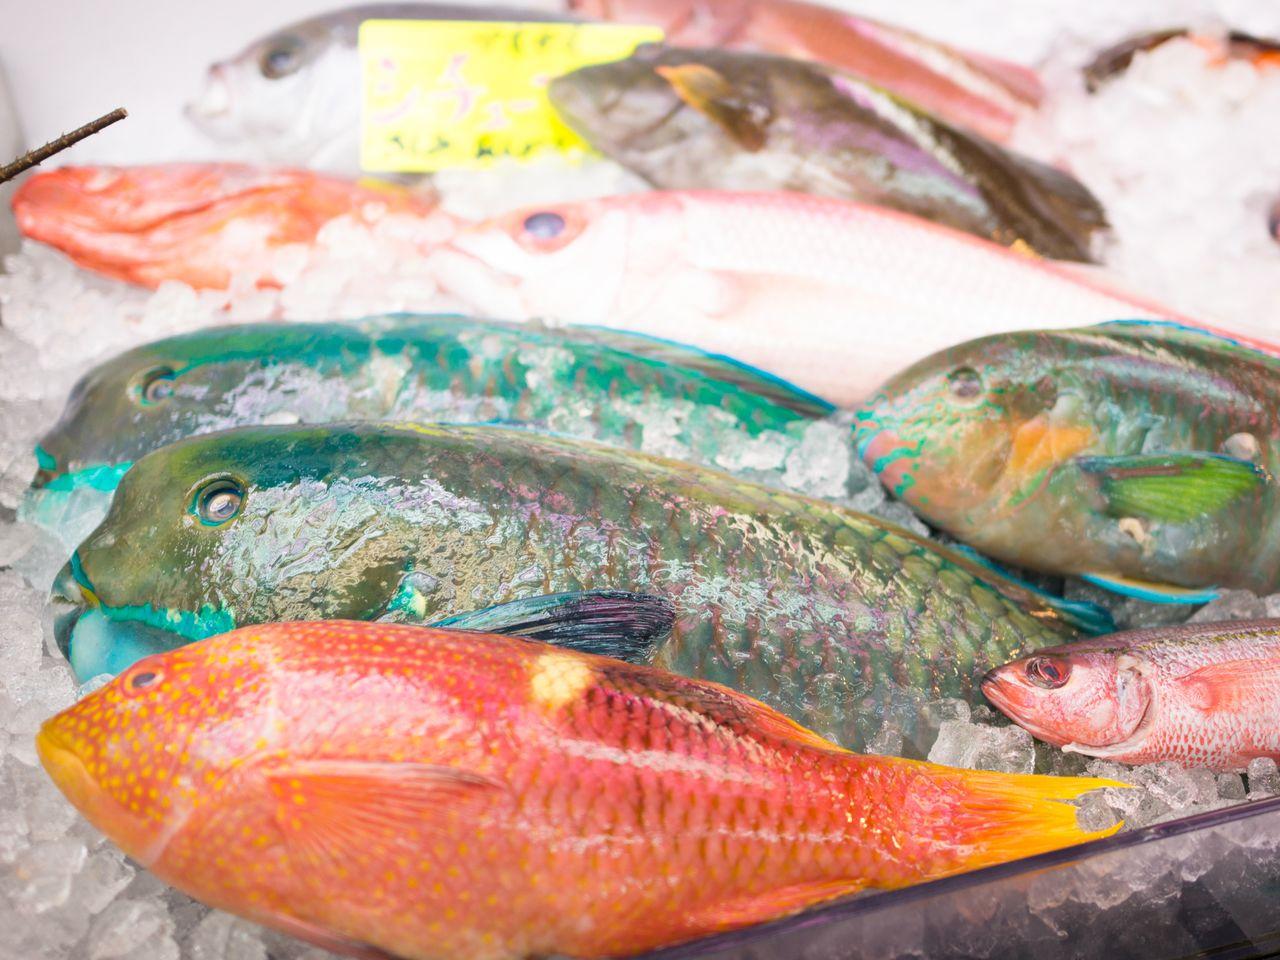 На рынке Макиси можно купить яркую местную рыбу, попросить продавца приготовить её и съесть прямо на месте